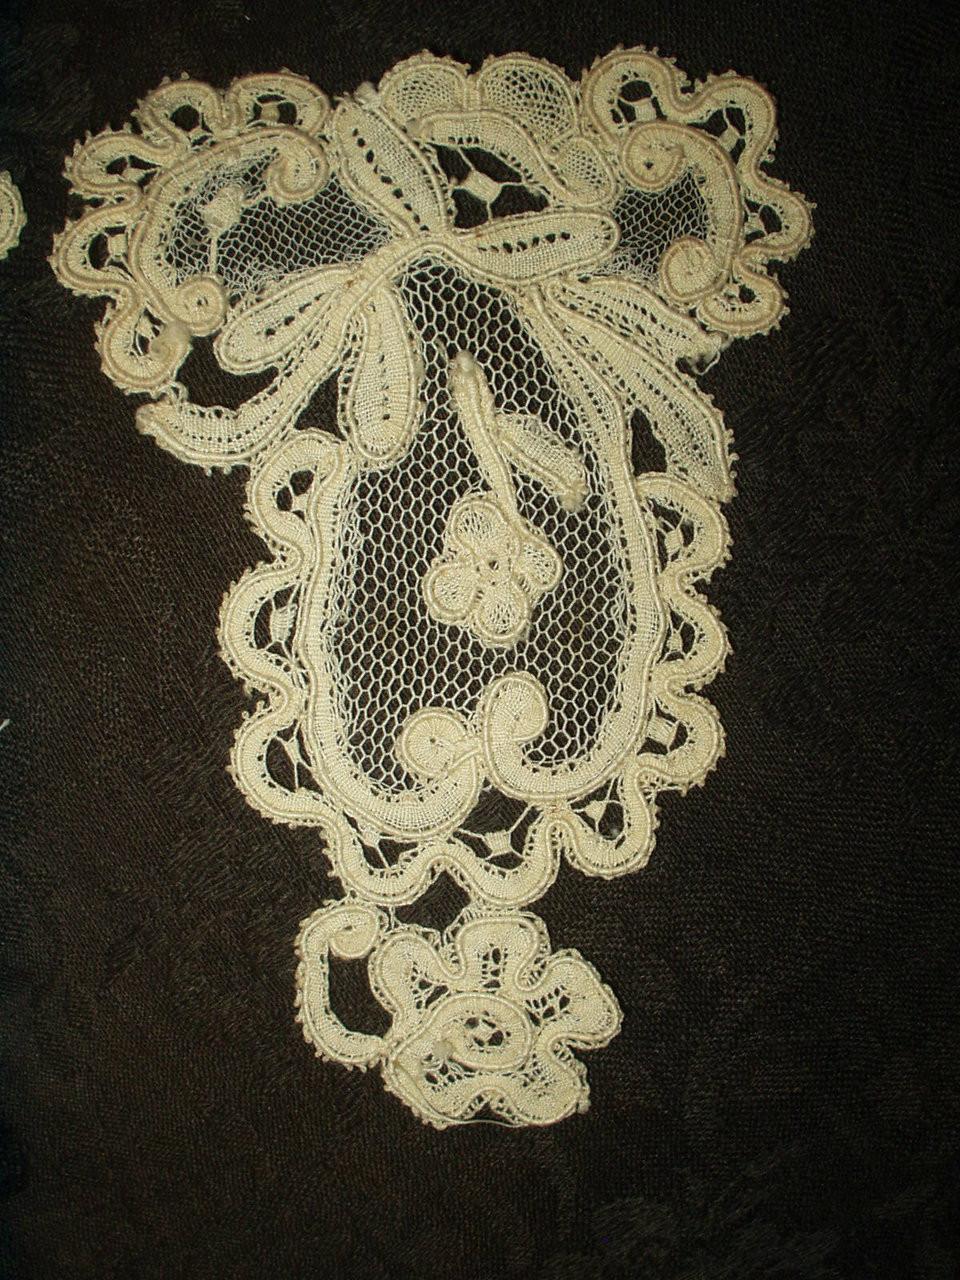 2 Victorian Tape Lace Tulle Dress Applique Embellishments Trim Pieces